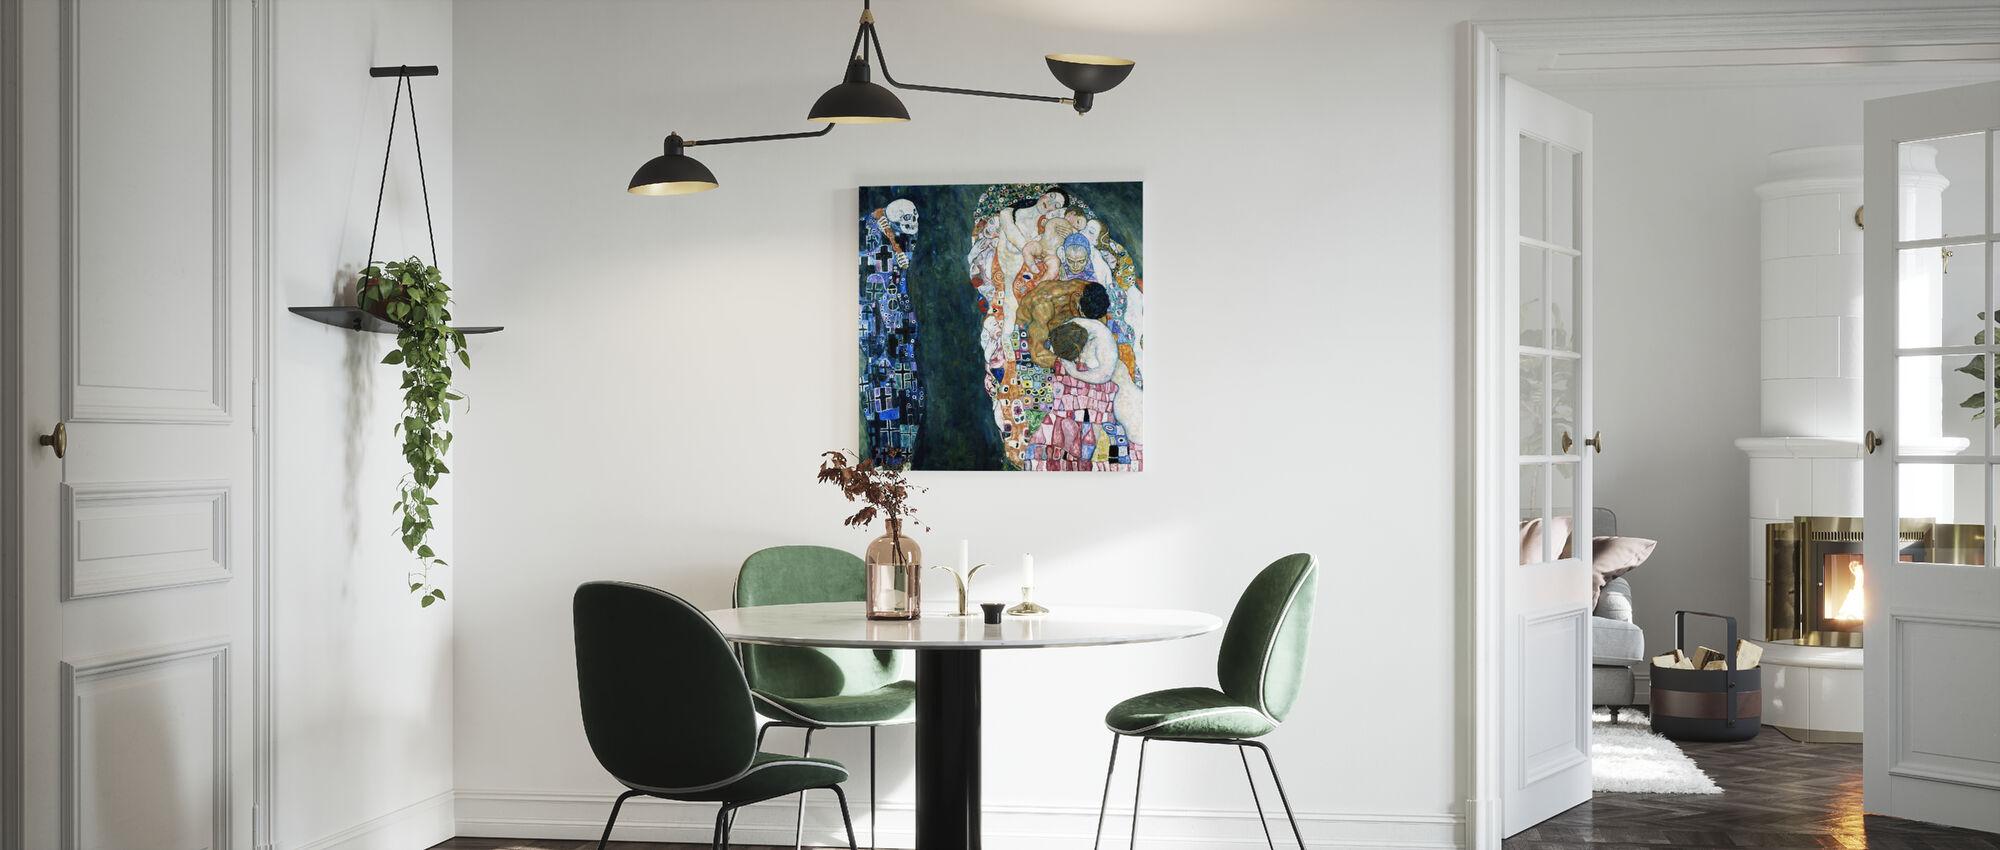 Death and Life - Gustav Klimt - Canvas print - Kitchen